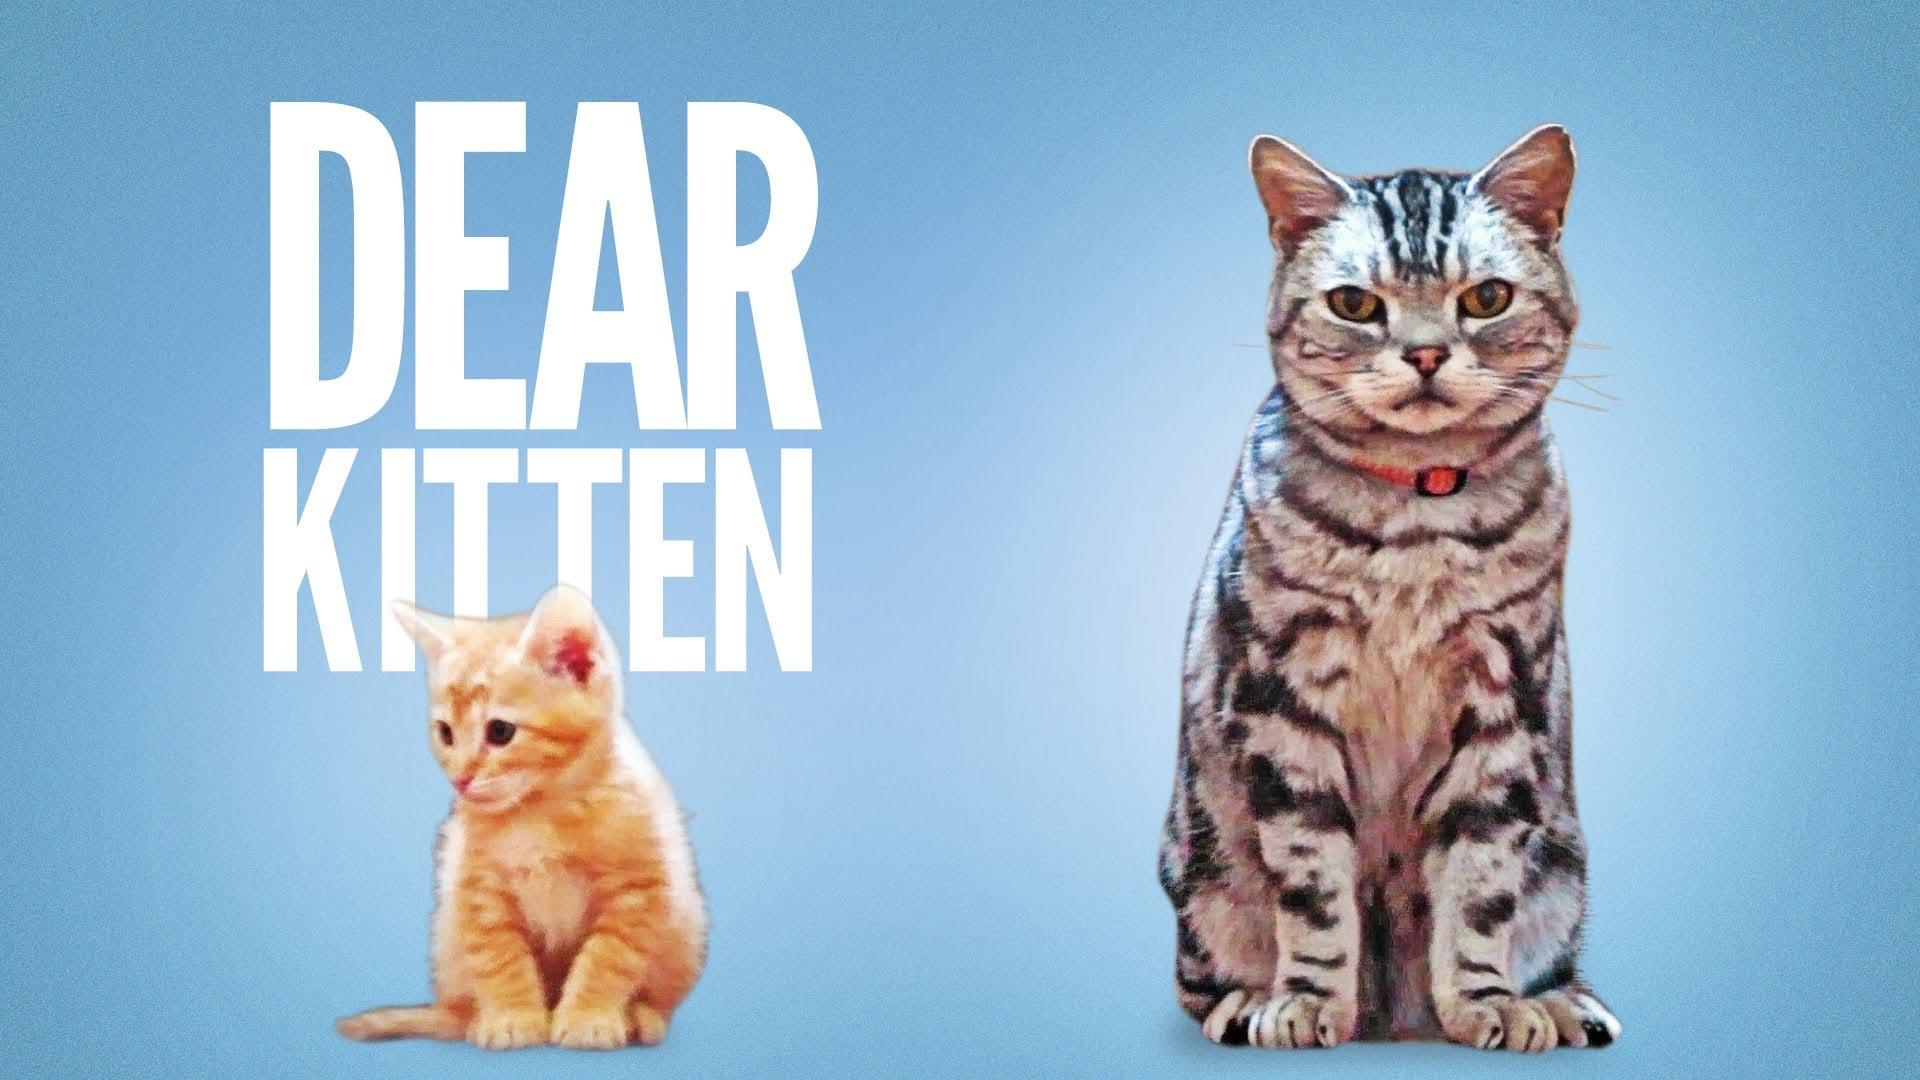 「【超療癒貓食廣告】親愛的小貓,讓大哥我來告訴你...」- Dear Kitten